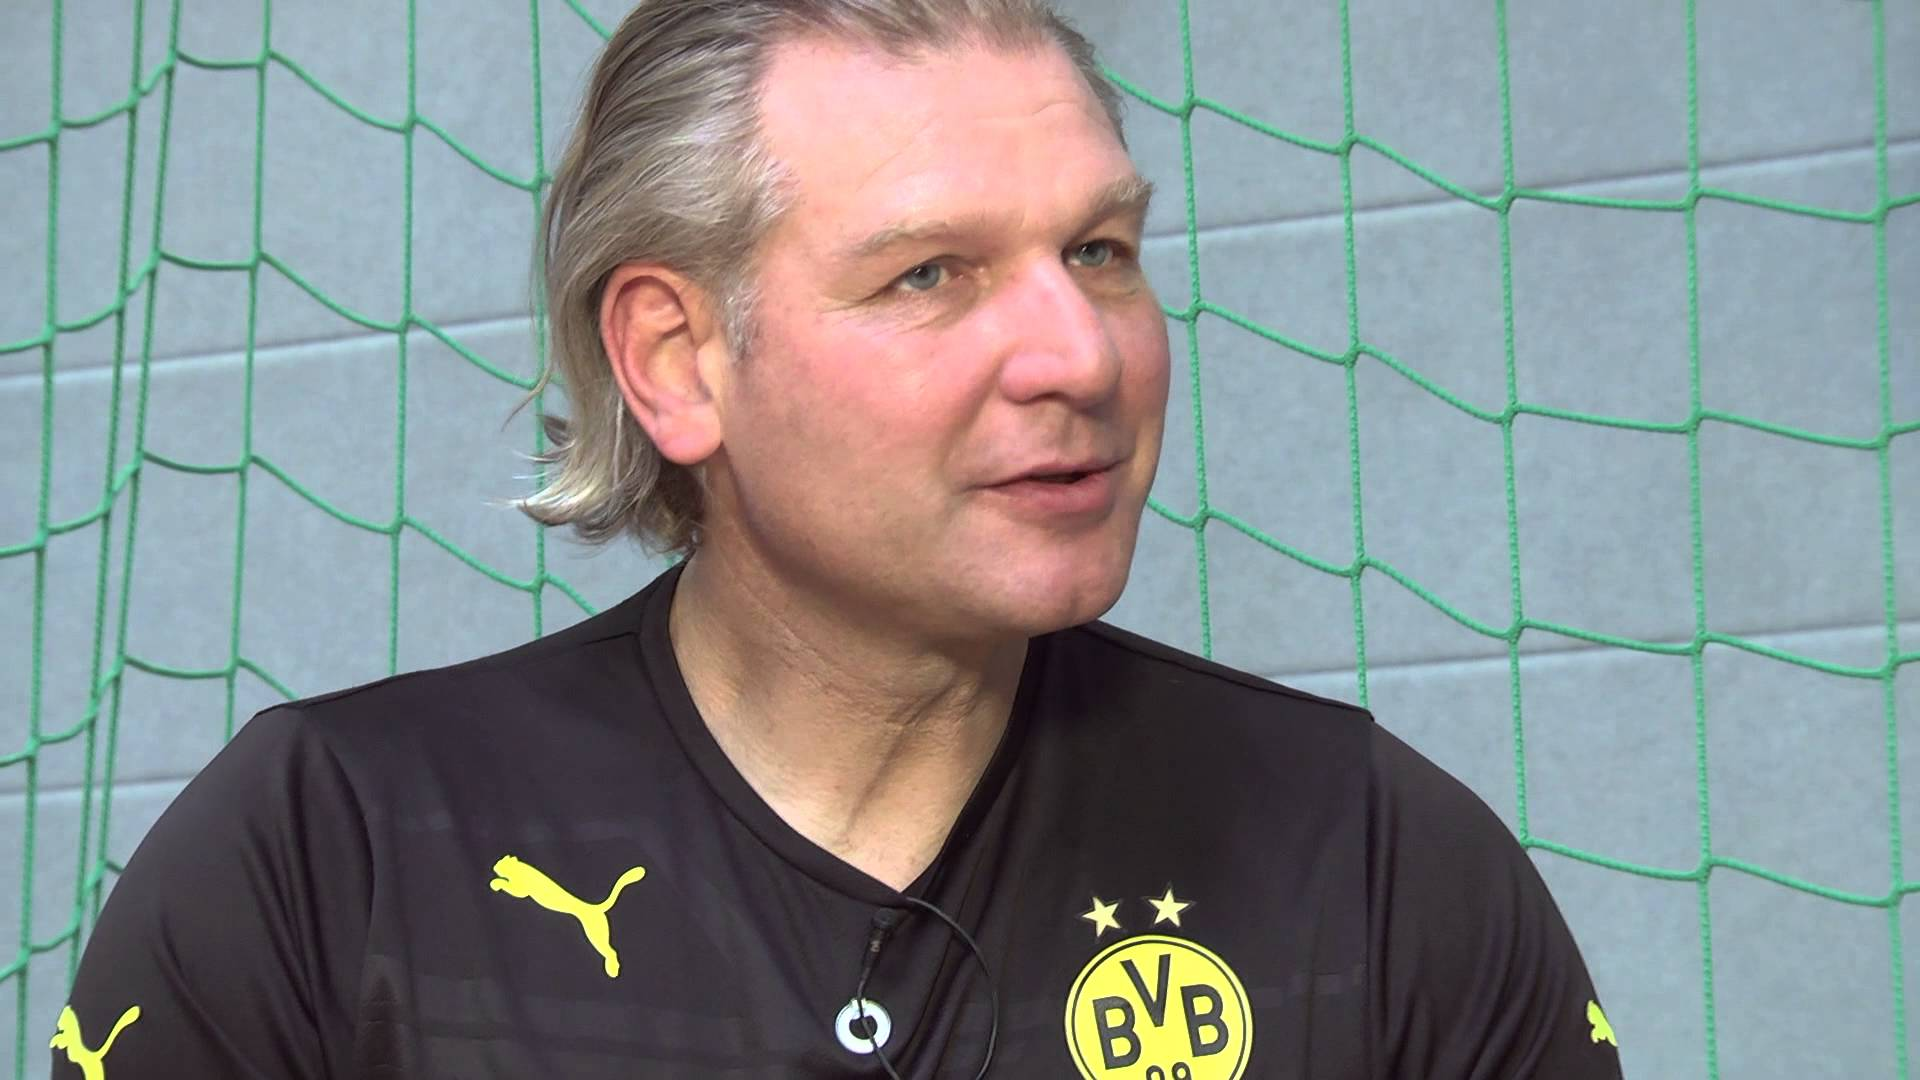 Training hinter Gittern - mit Teddy de Beer in der JVA Schwerte | BVB